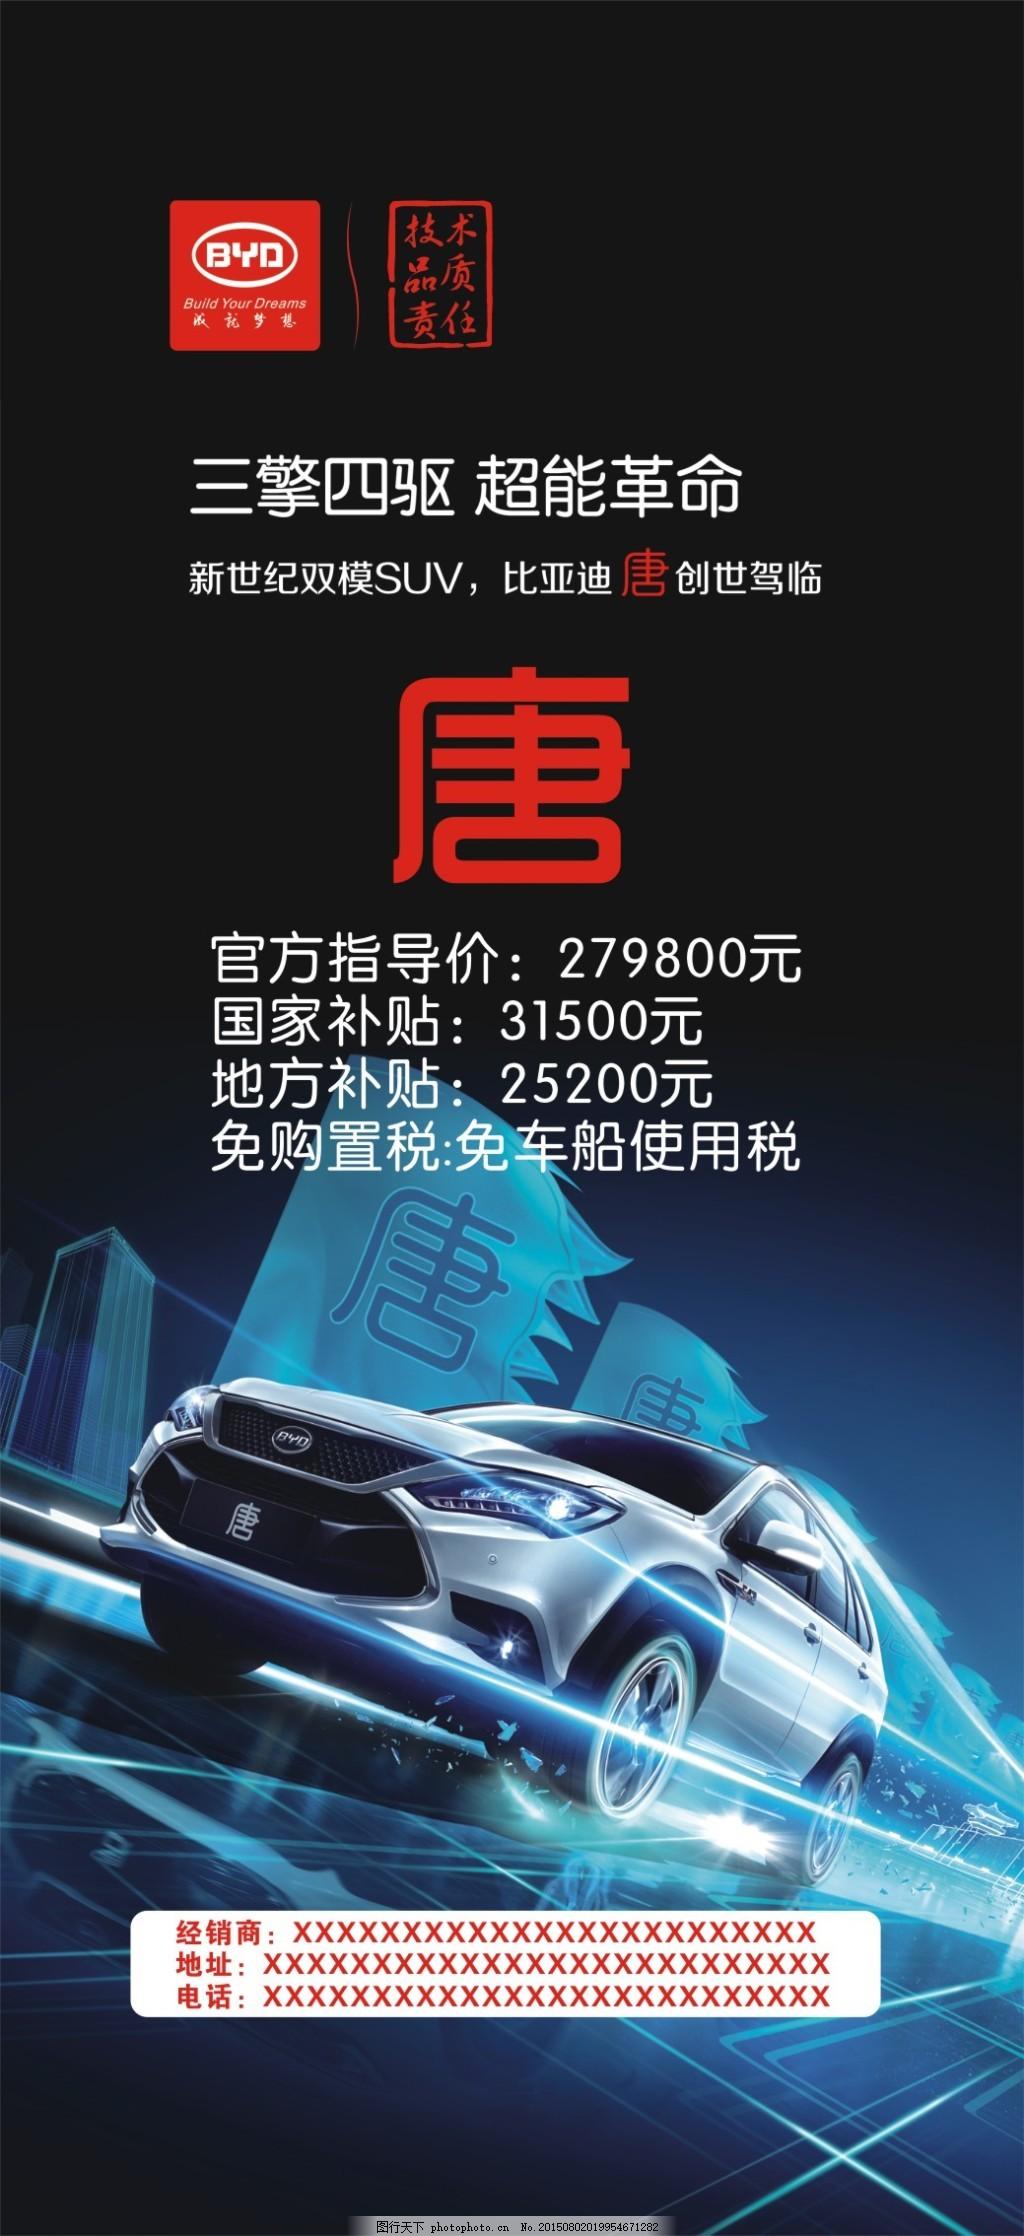 byd比亚迪唐 三擎四驱 超能革命 汽车海报 黑色